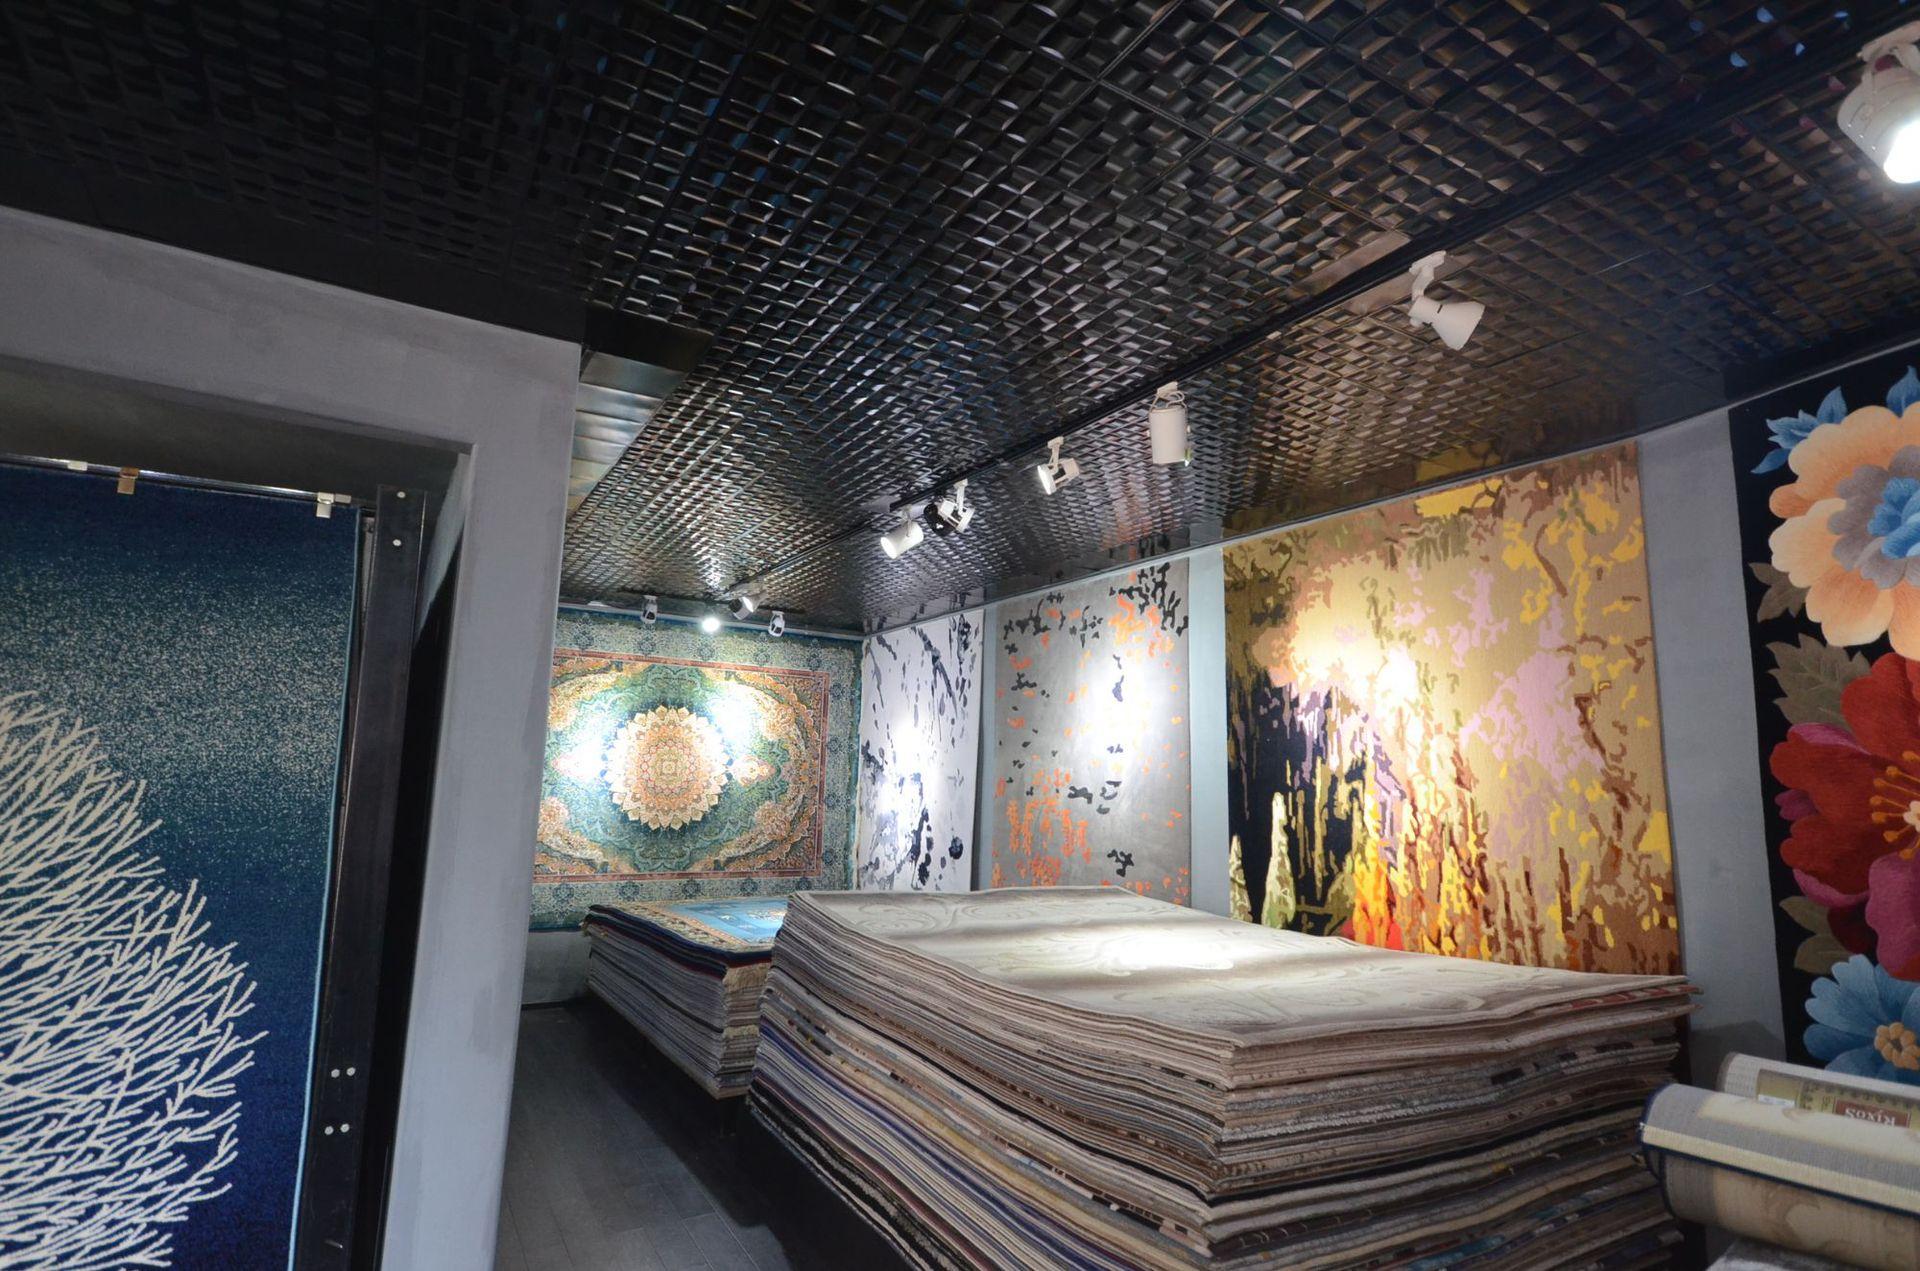 Chengdu thảm nhà sản xuất bán buôn hiện đại mới phong cách sáng 2018 Silk dây có phòng khách thảm ch